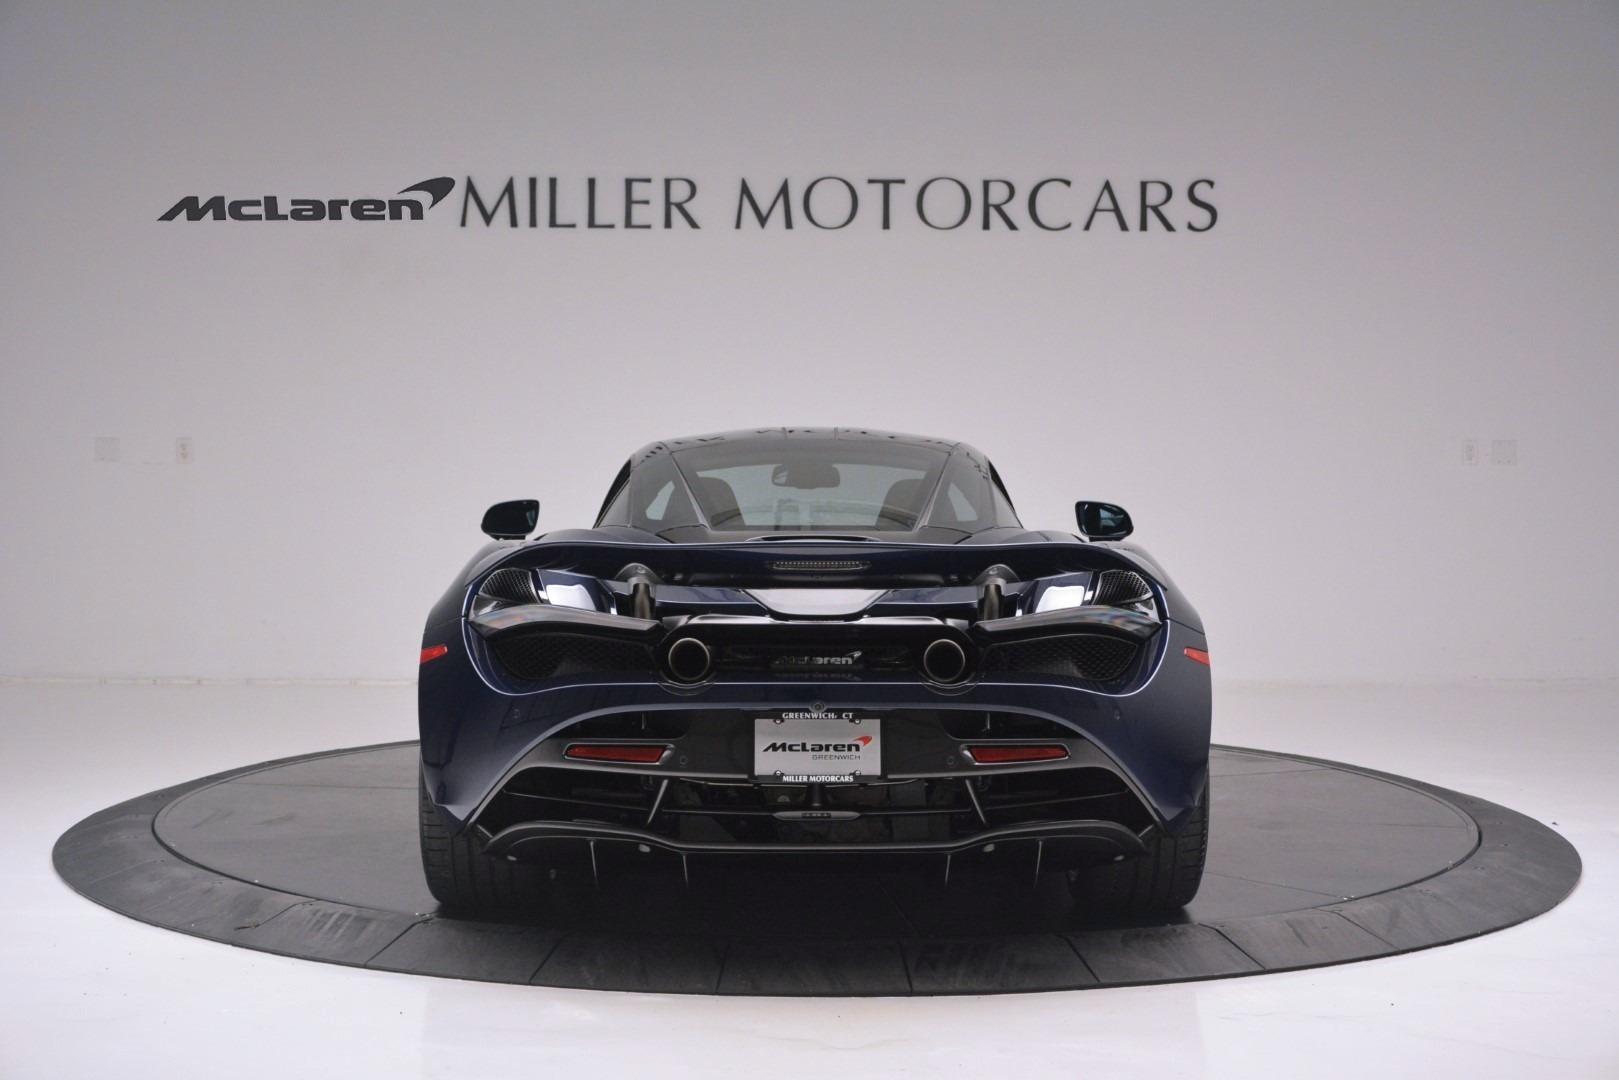 New 2019 McLaren 720S Coupe For Sale In Westport, CT 2730_p6